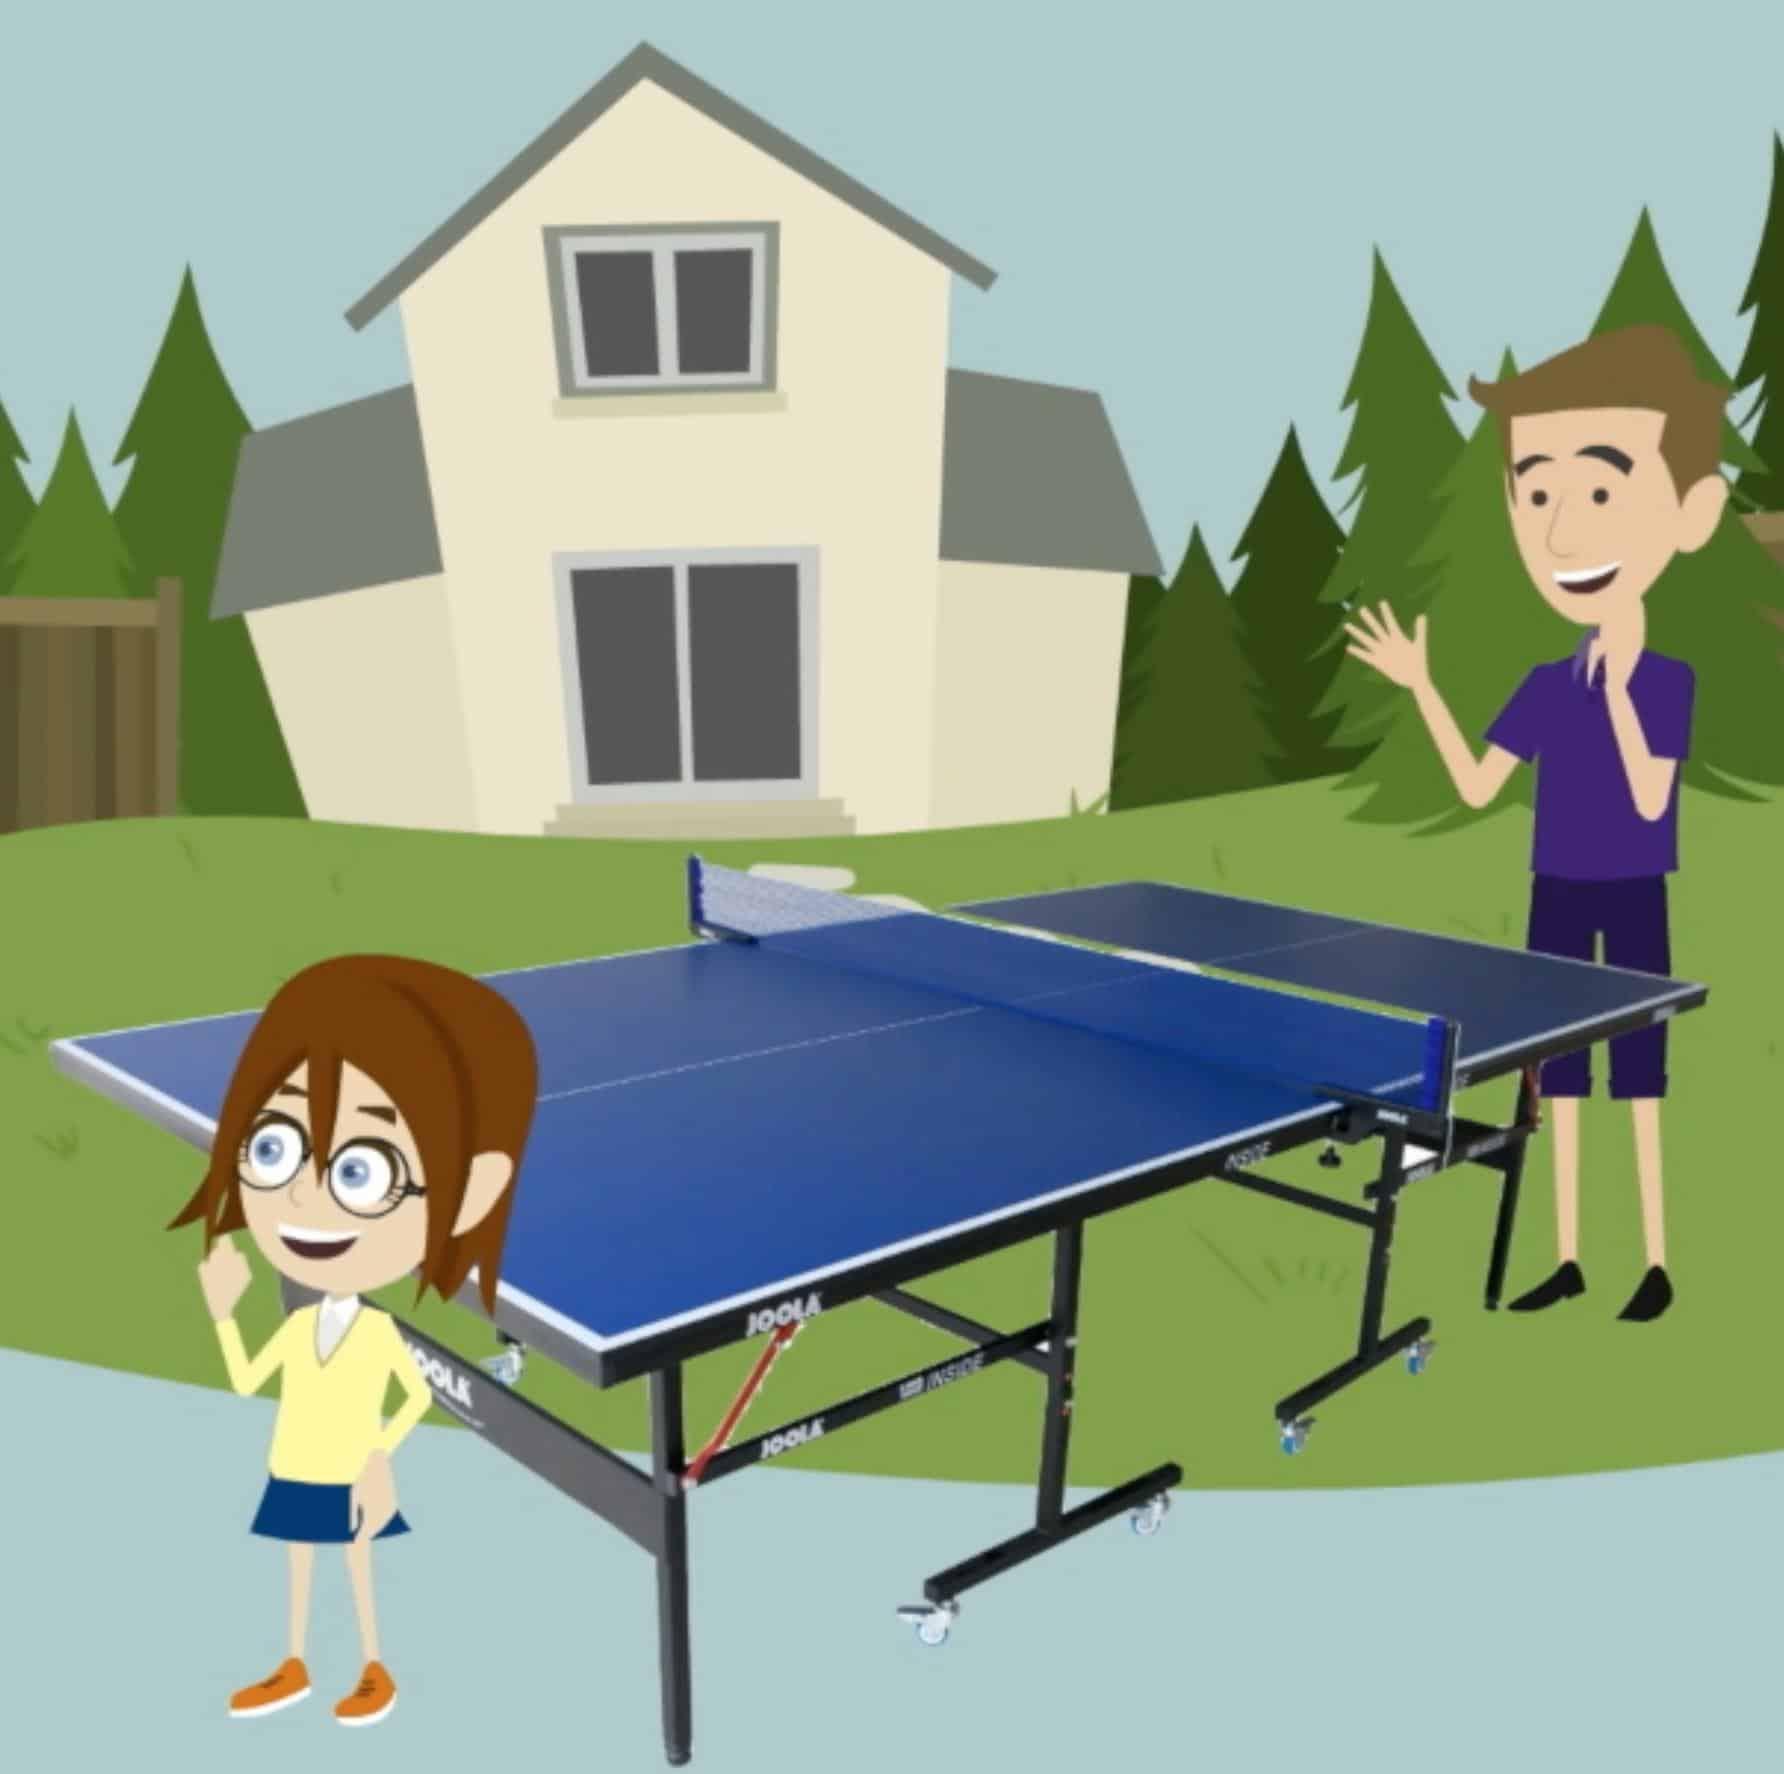 המדריך המלא לקניית שולחנות טניס